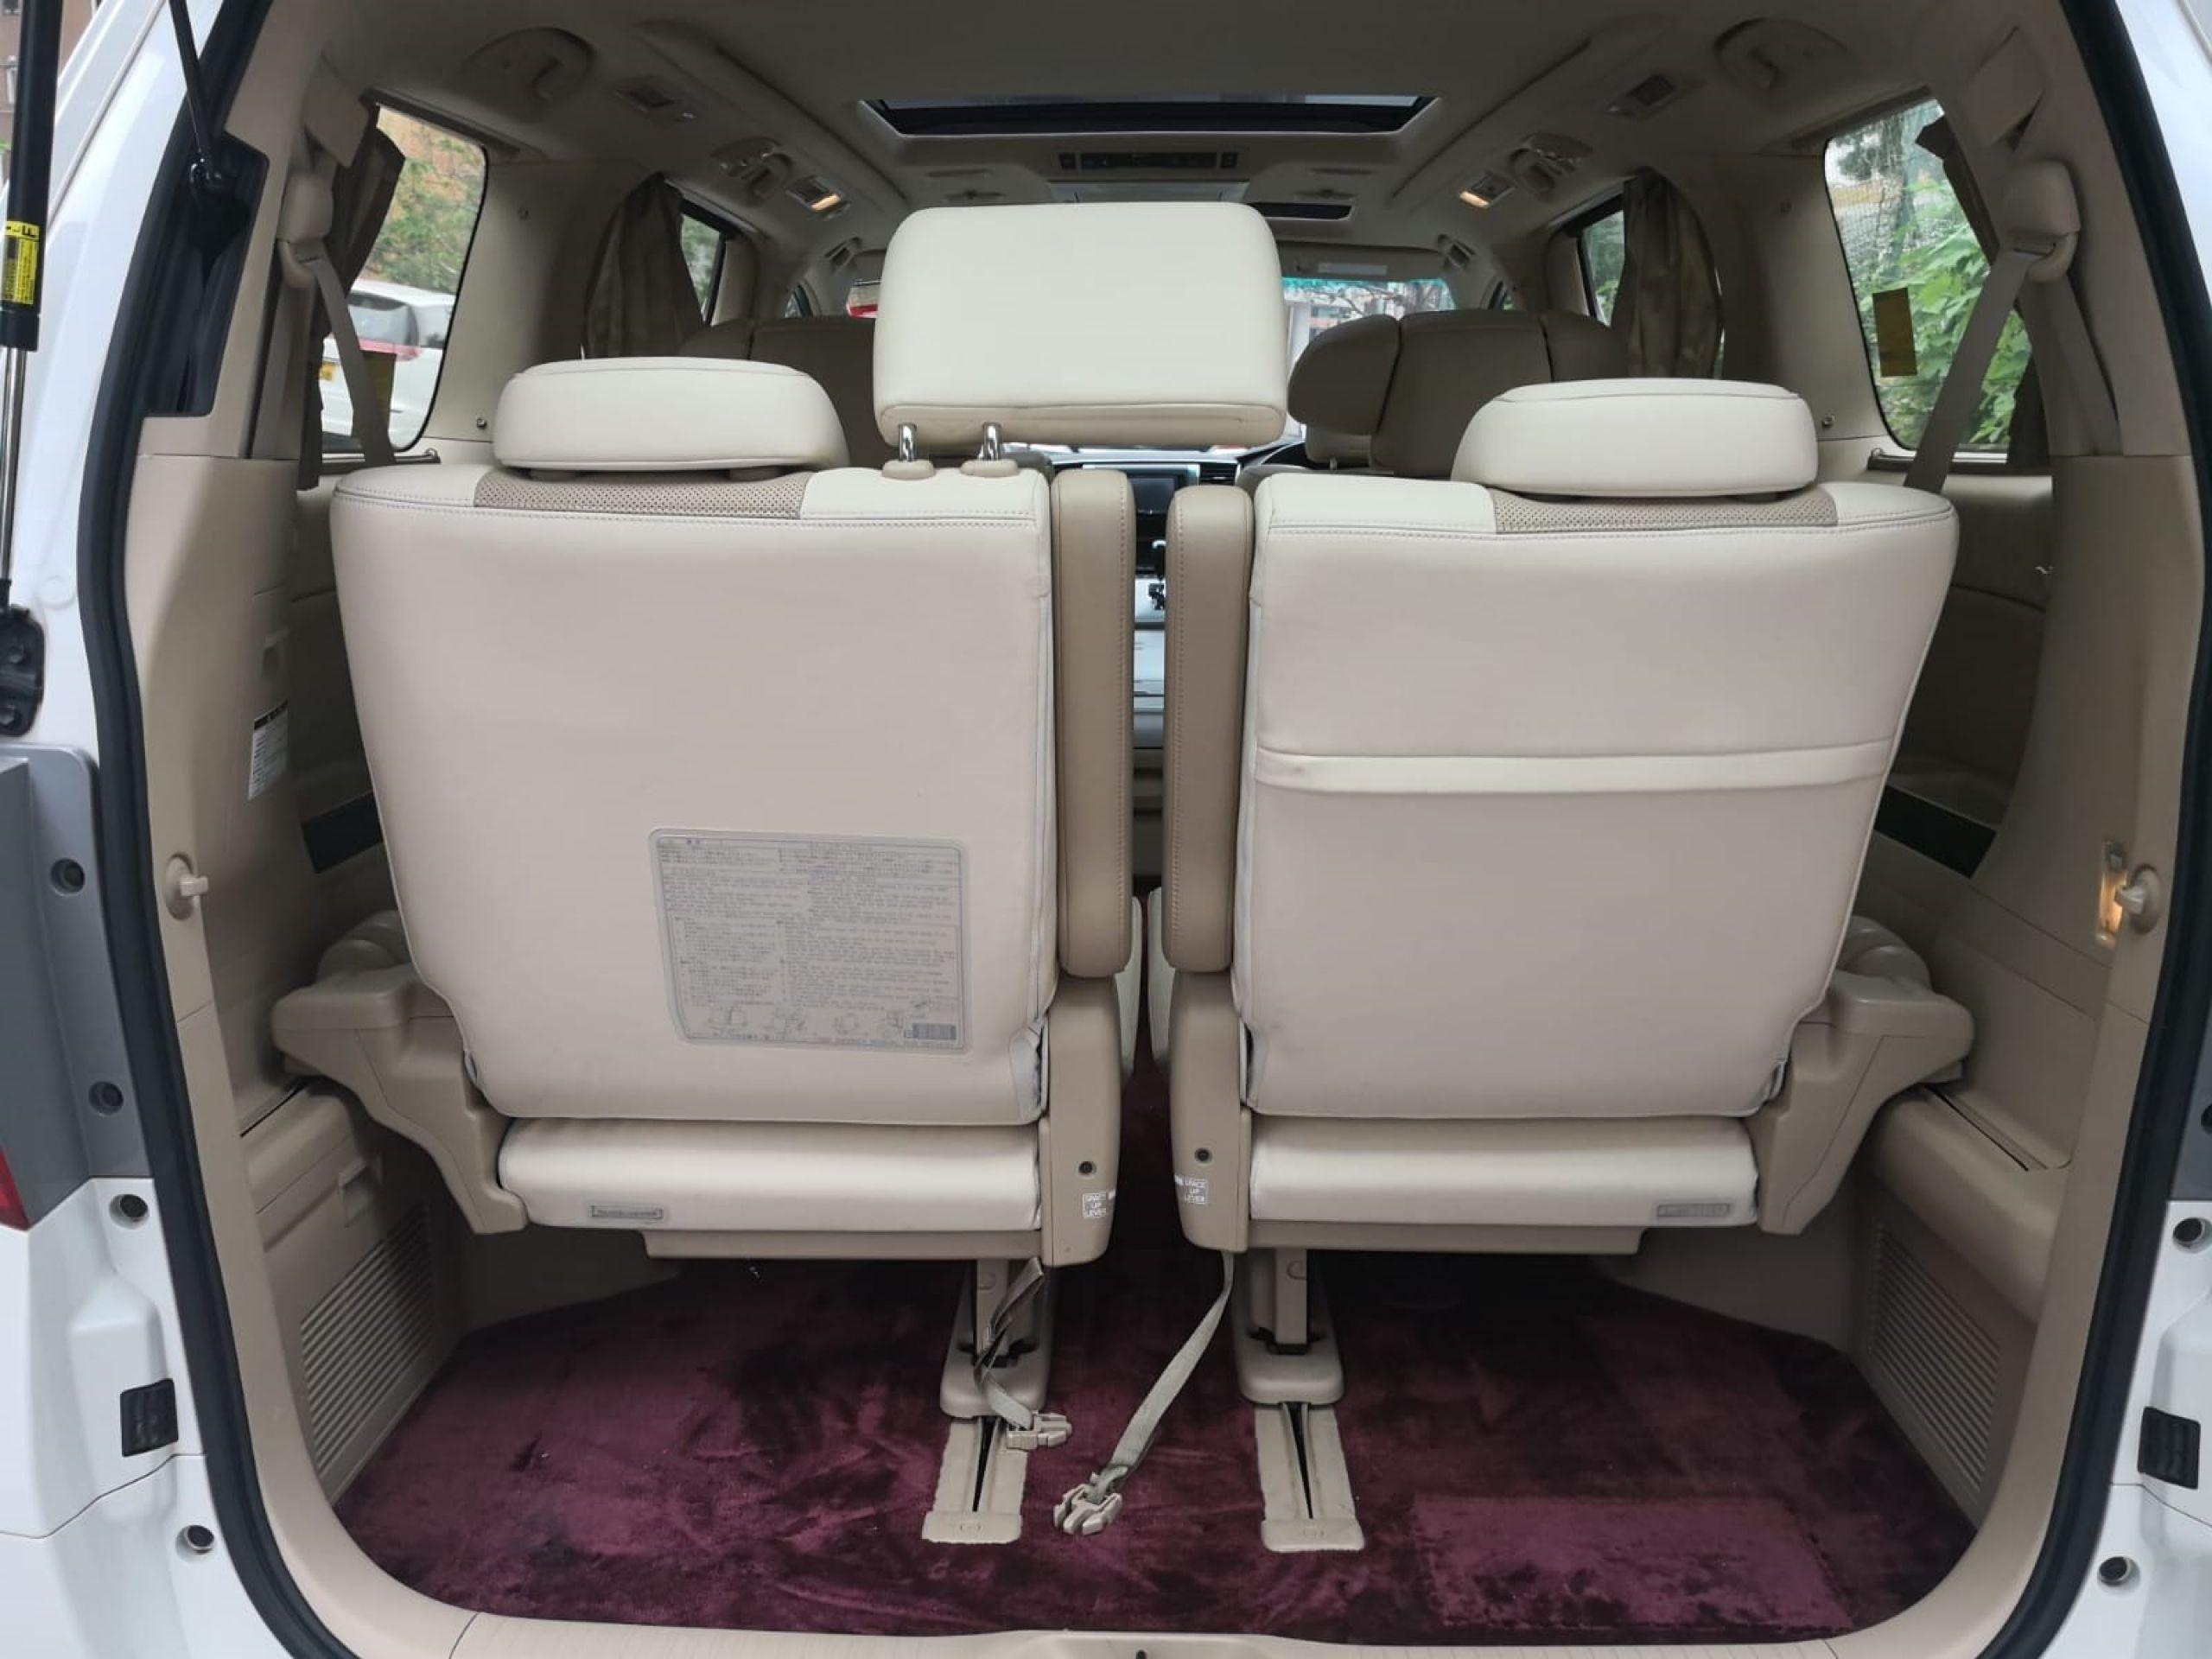 2013 Toyota Alphard 3.5 First Class